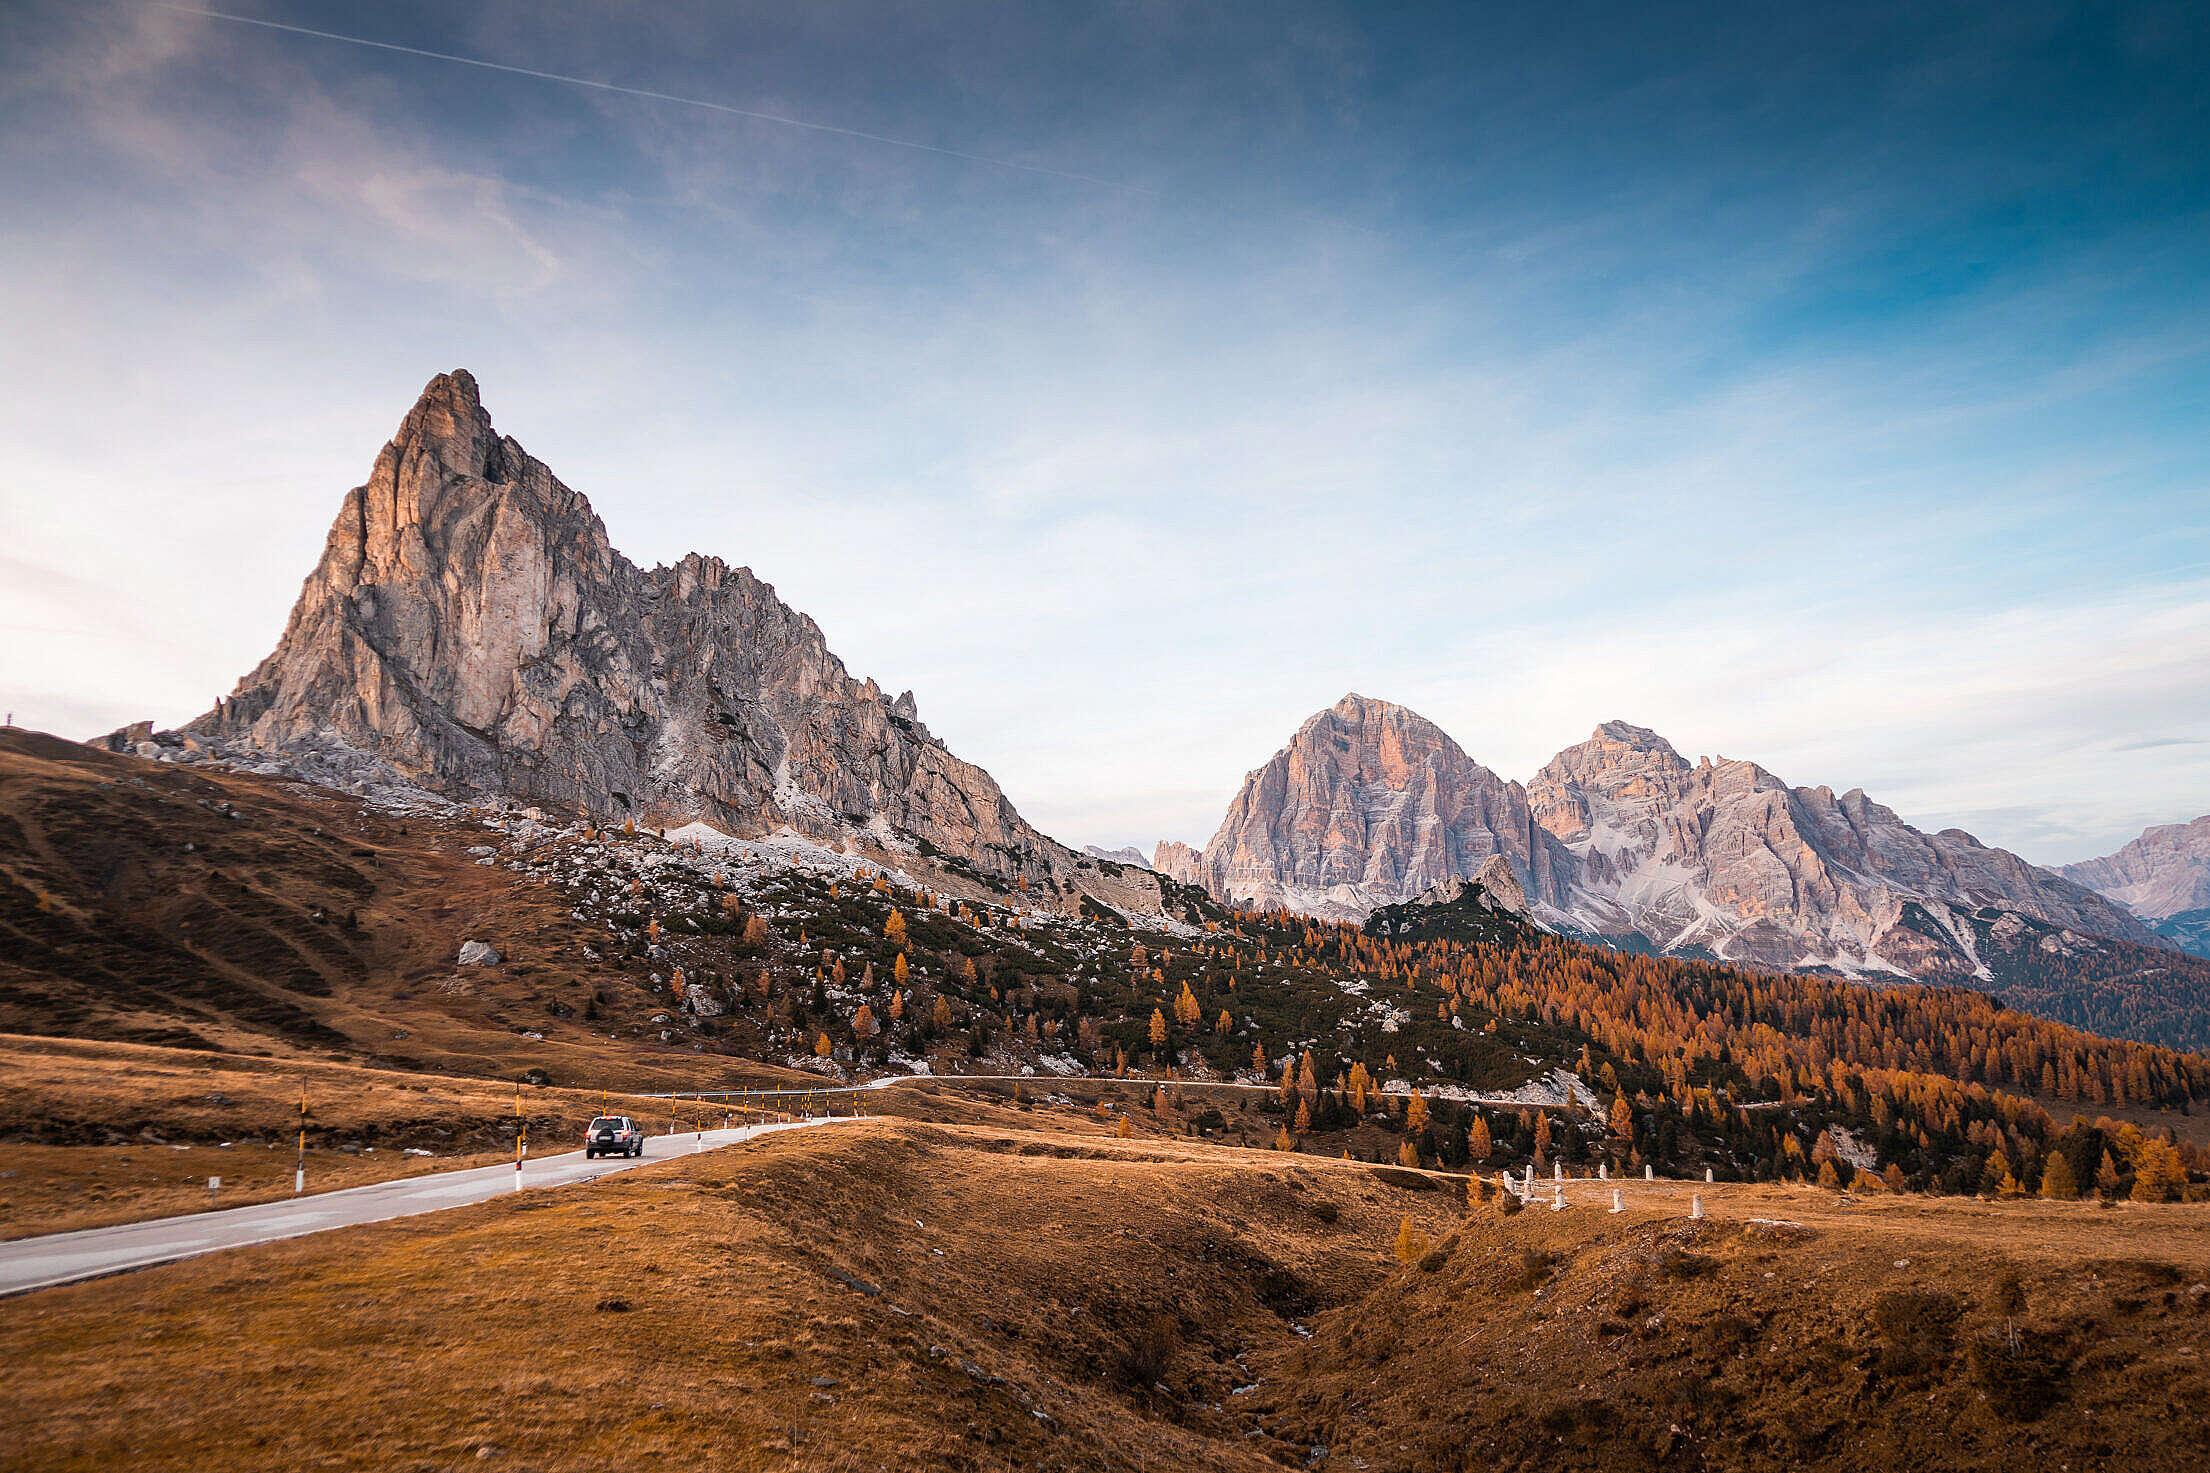 Alpine Roads at Passo di Giau, Dolomites, Italy Free Stock Photo